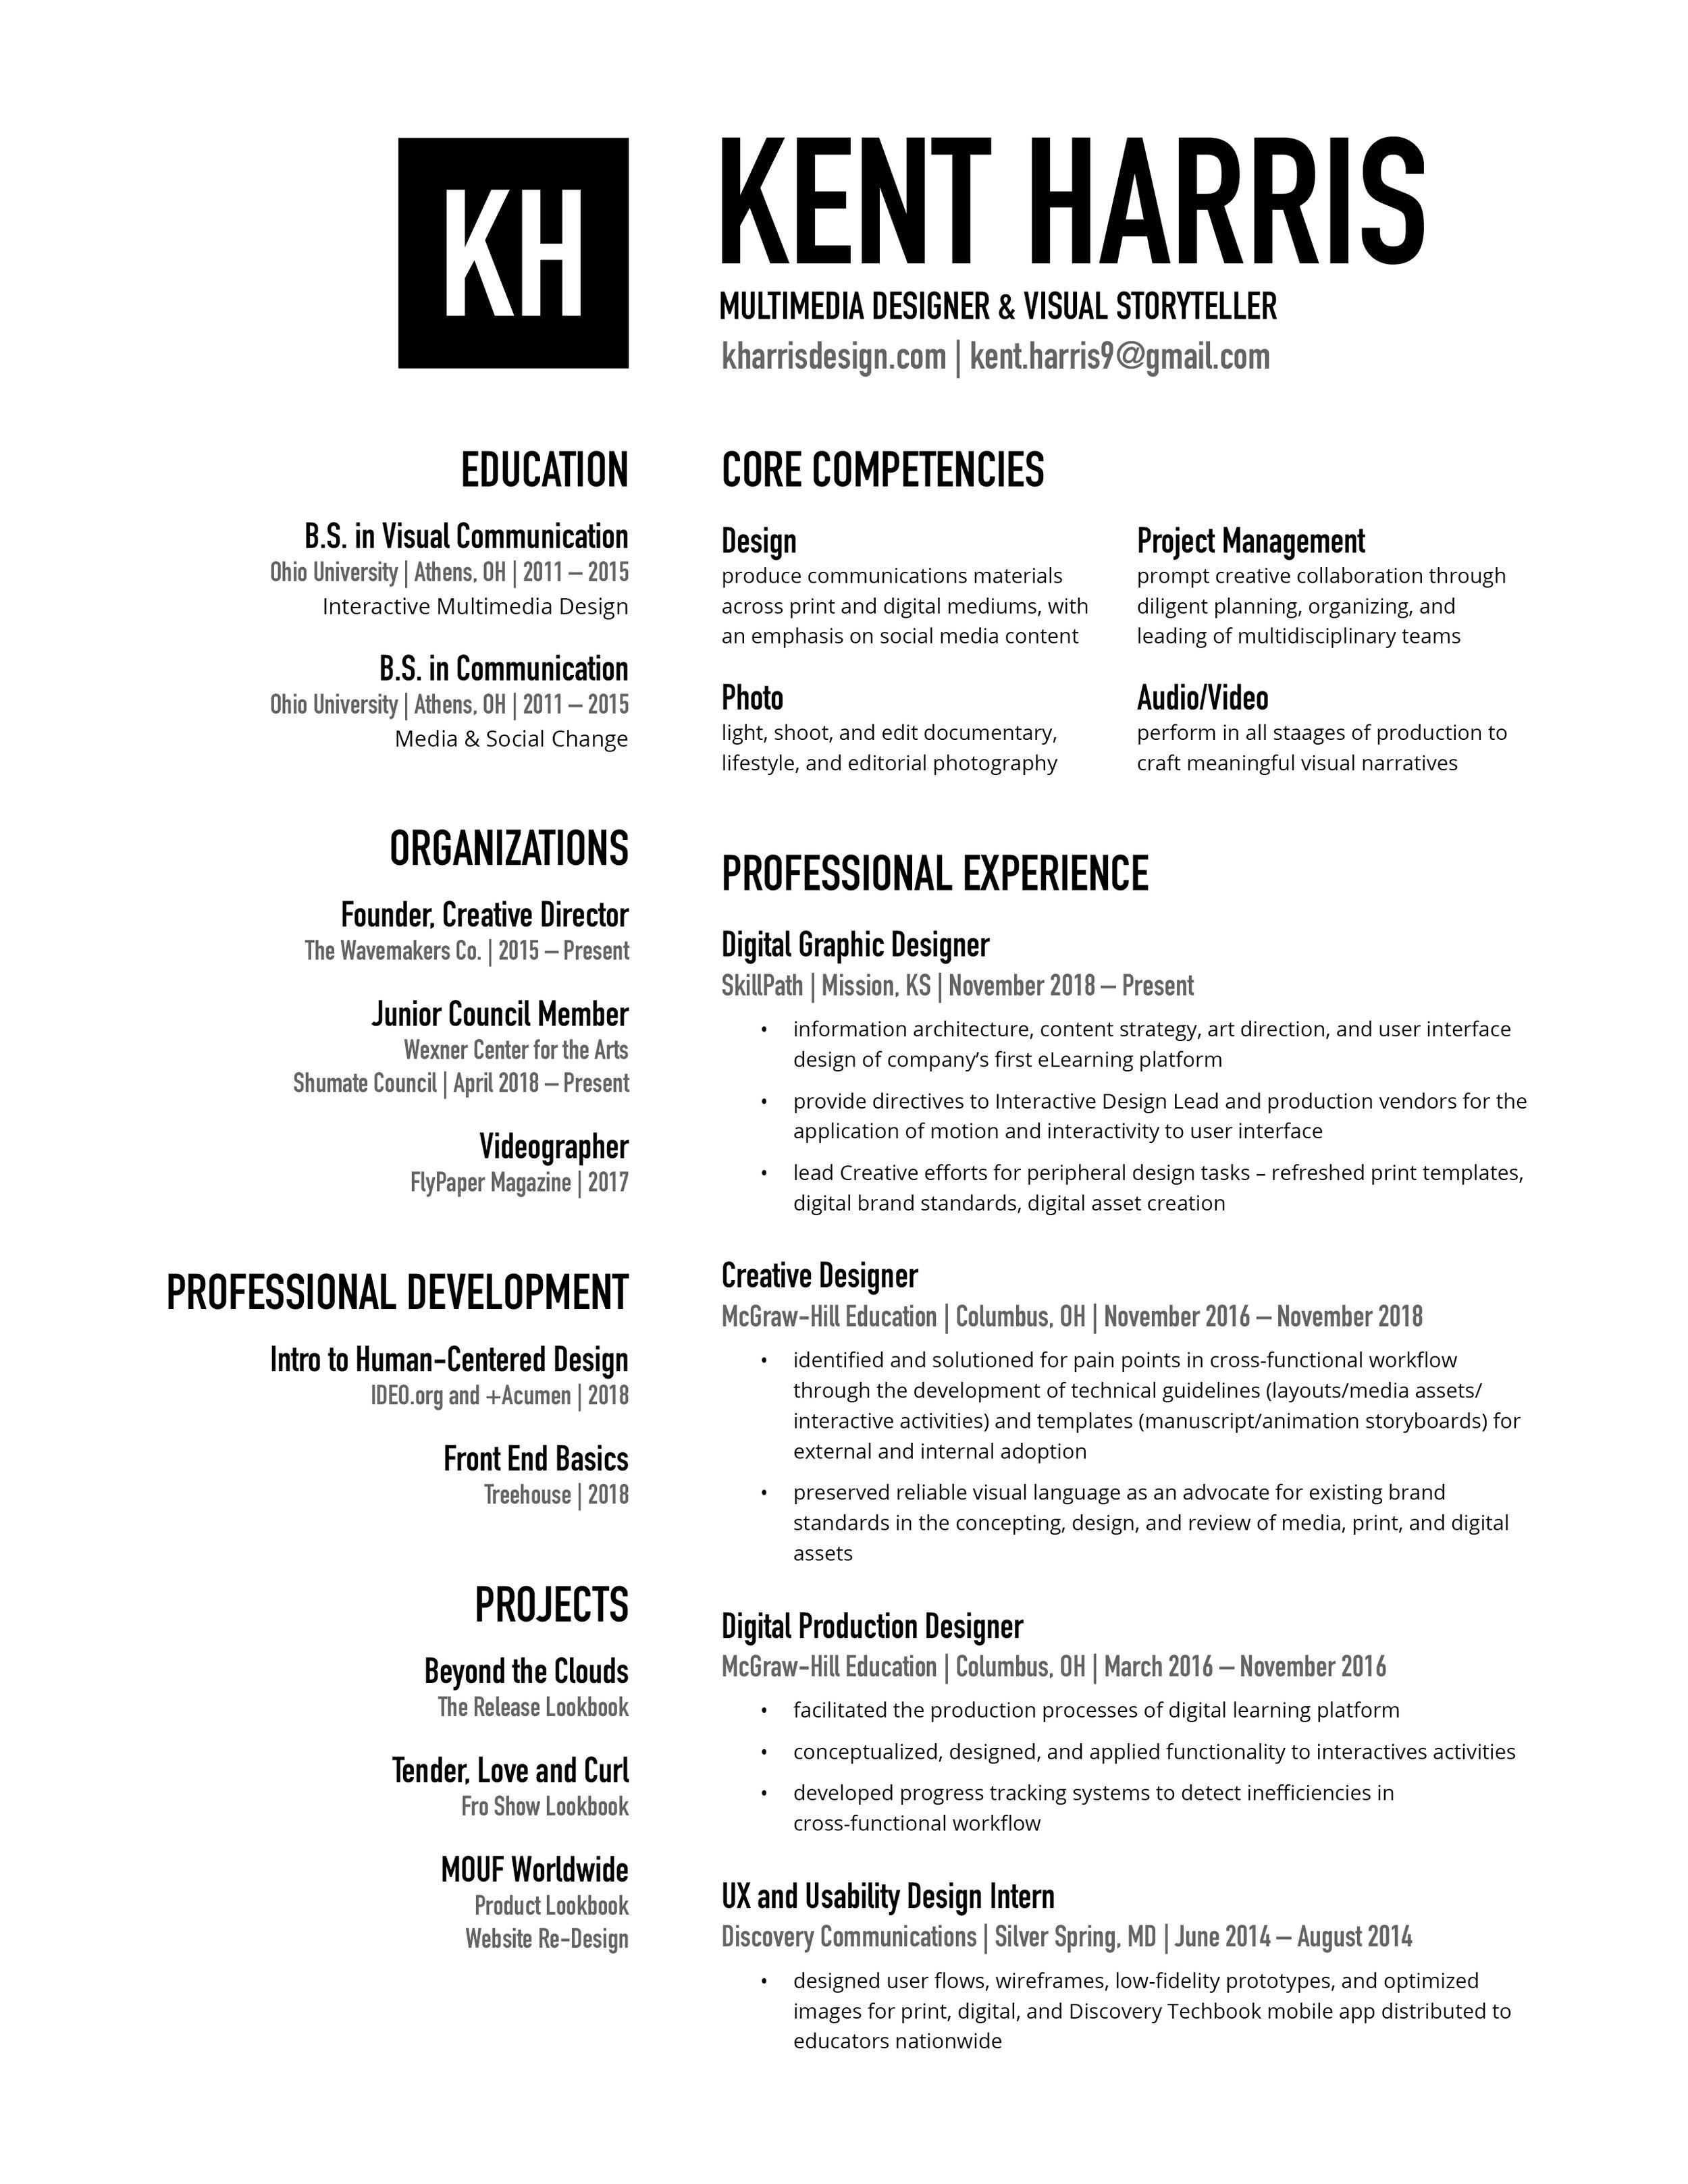 KH-Resume-20190511.jpg